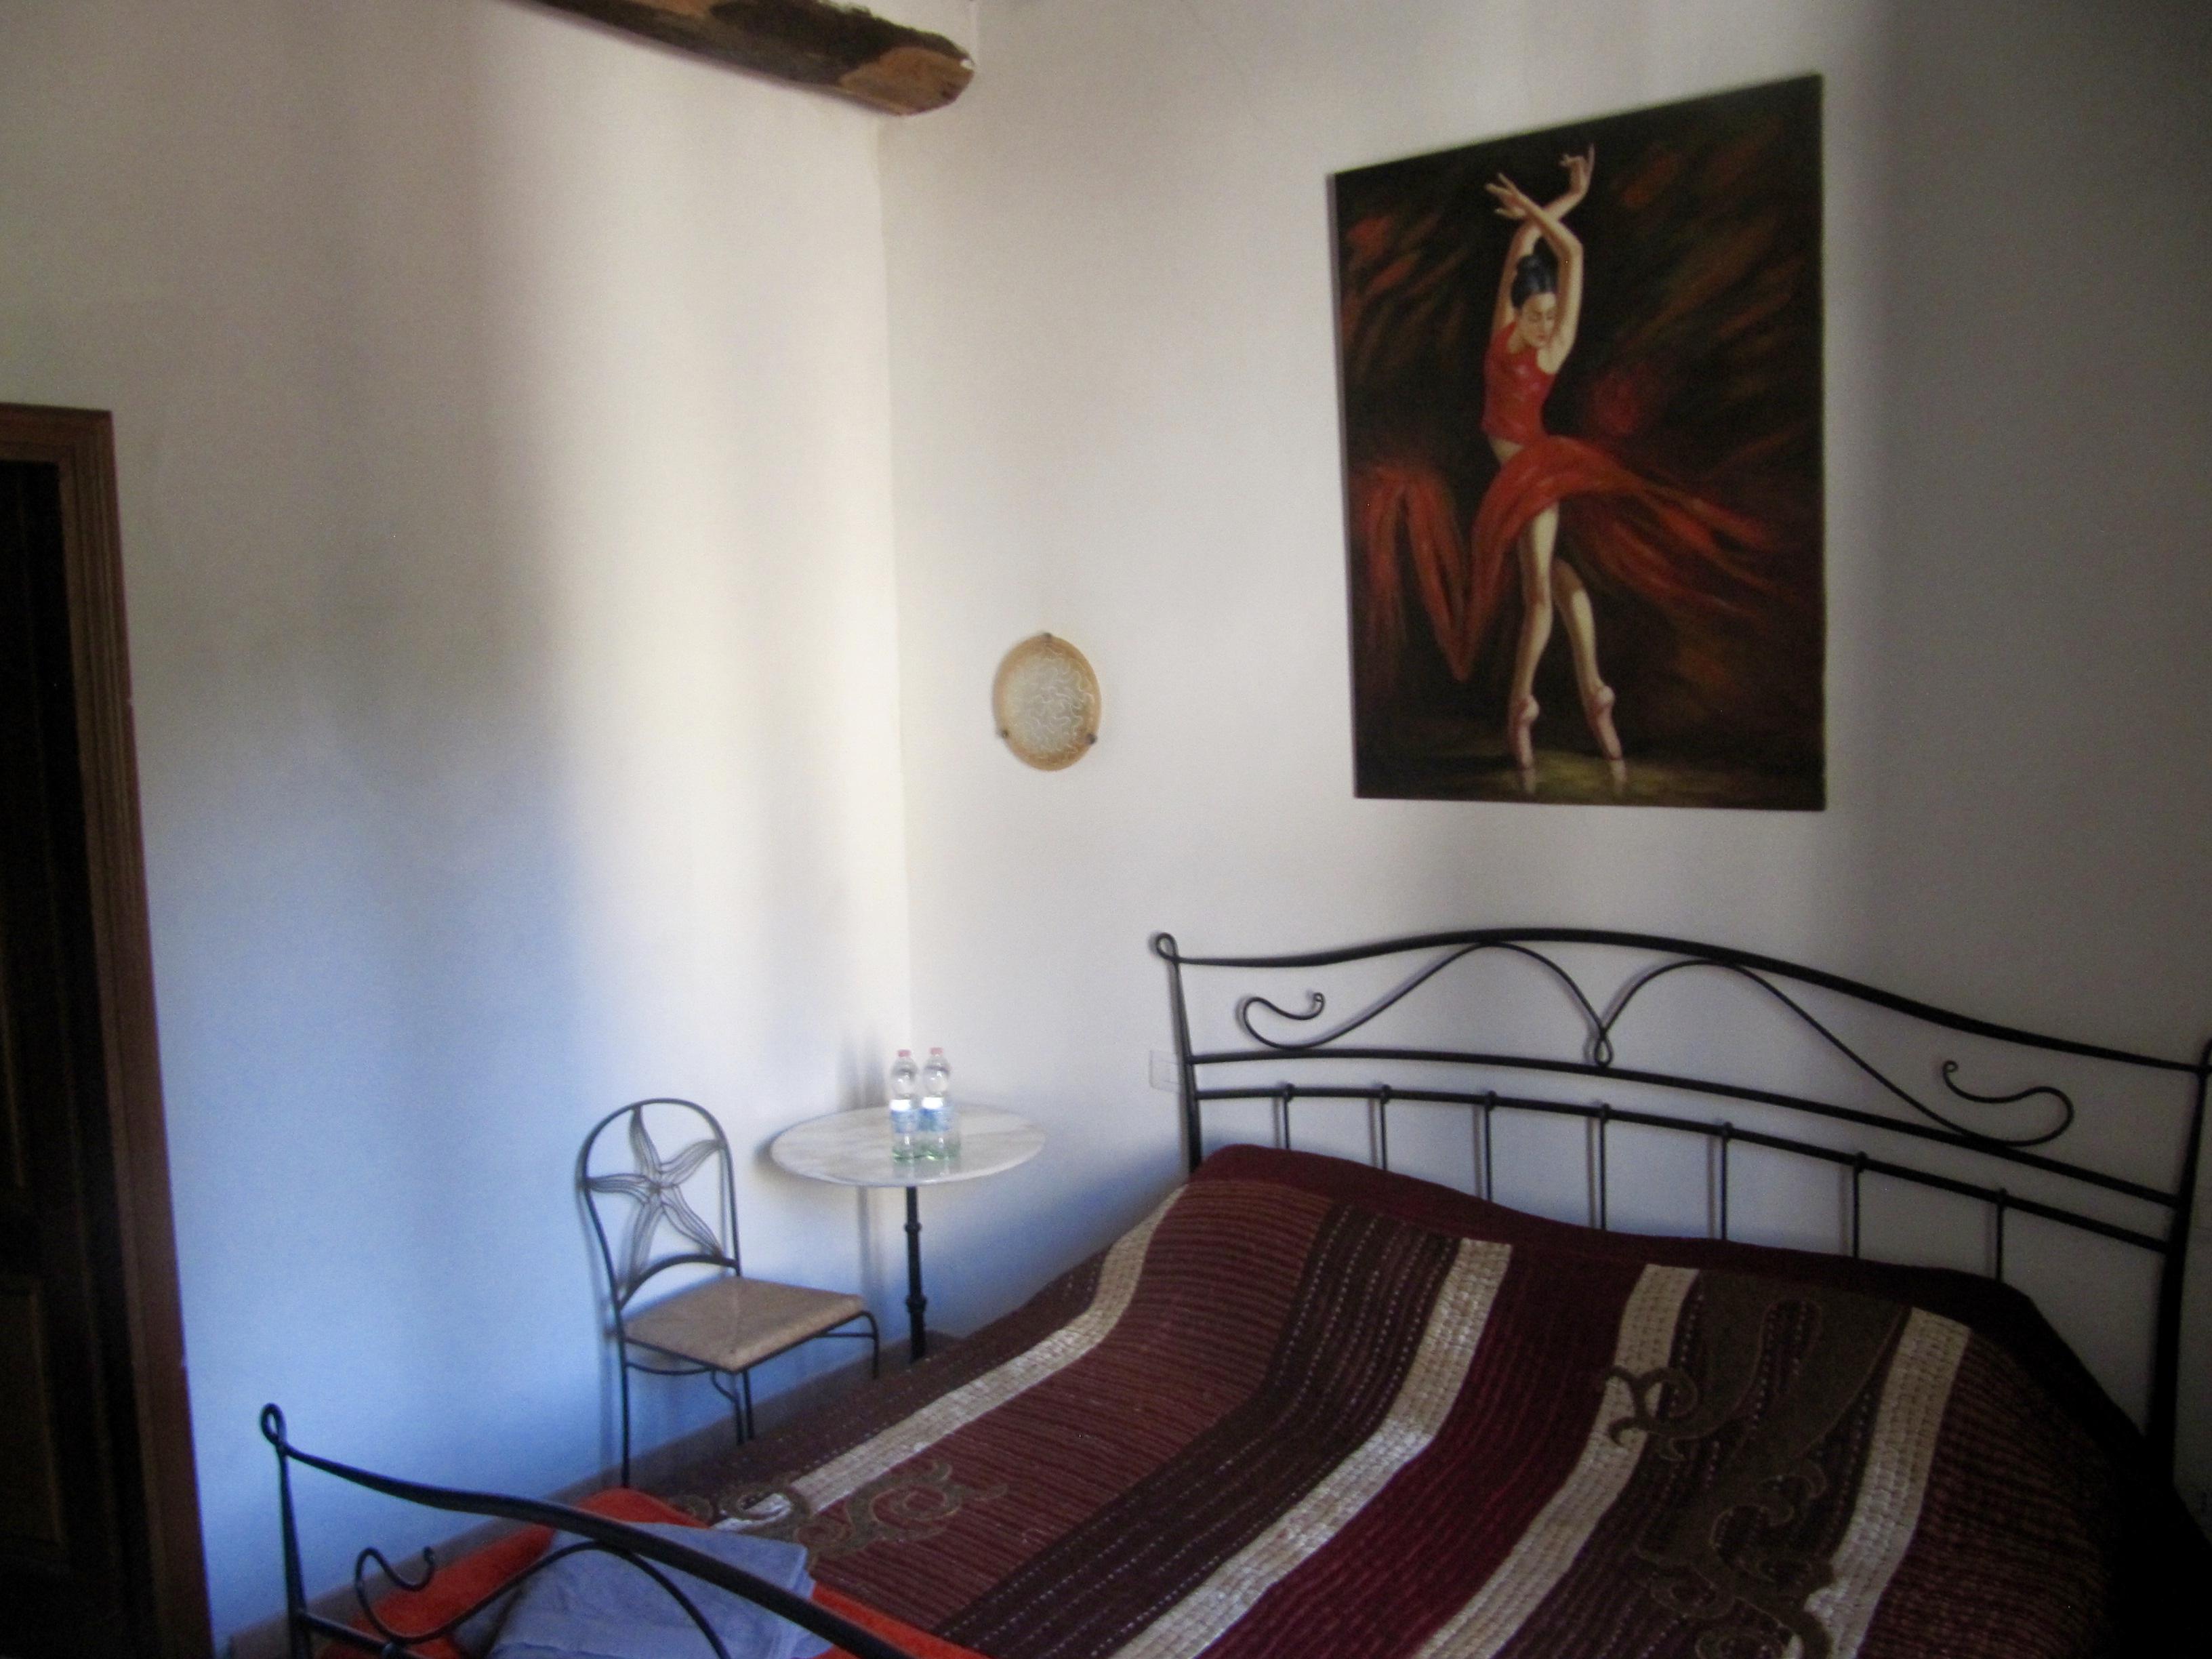 Tuscan Rooms blog